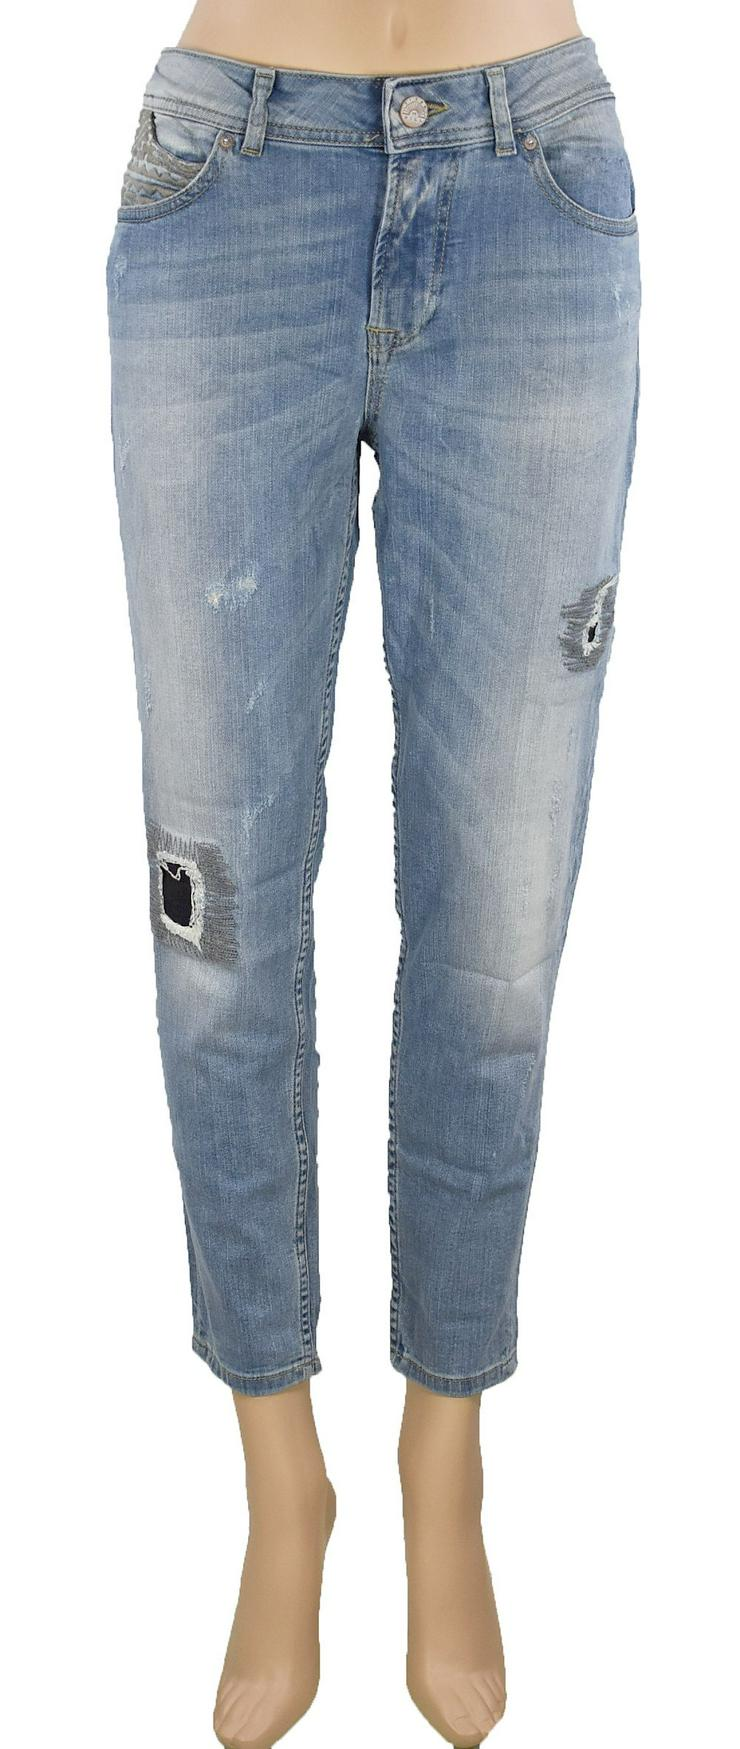 Tigerhill Boyfriend Jeans Aimi Roll Up Damen Jeans Hosen 23081400